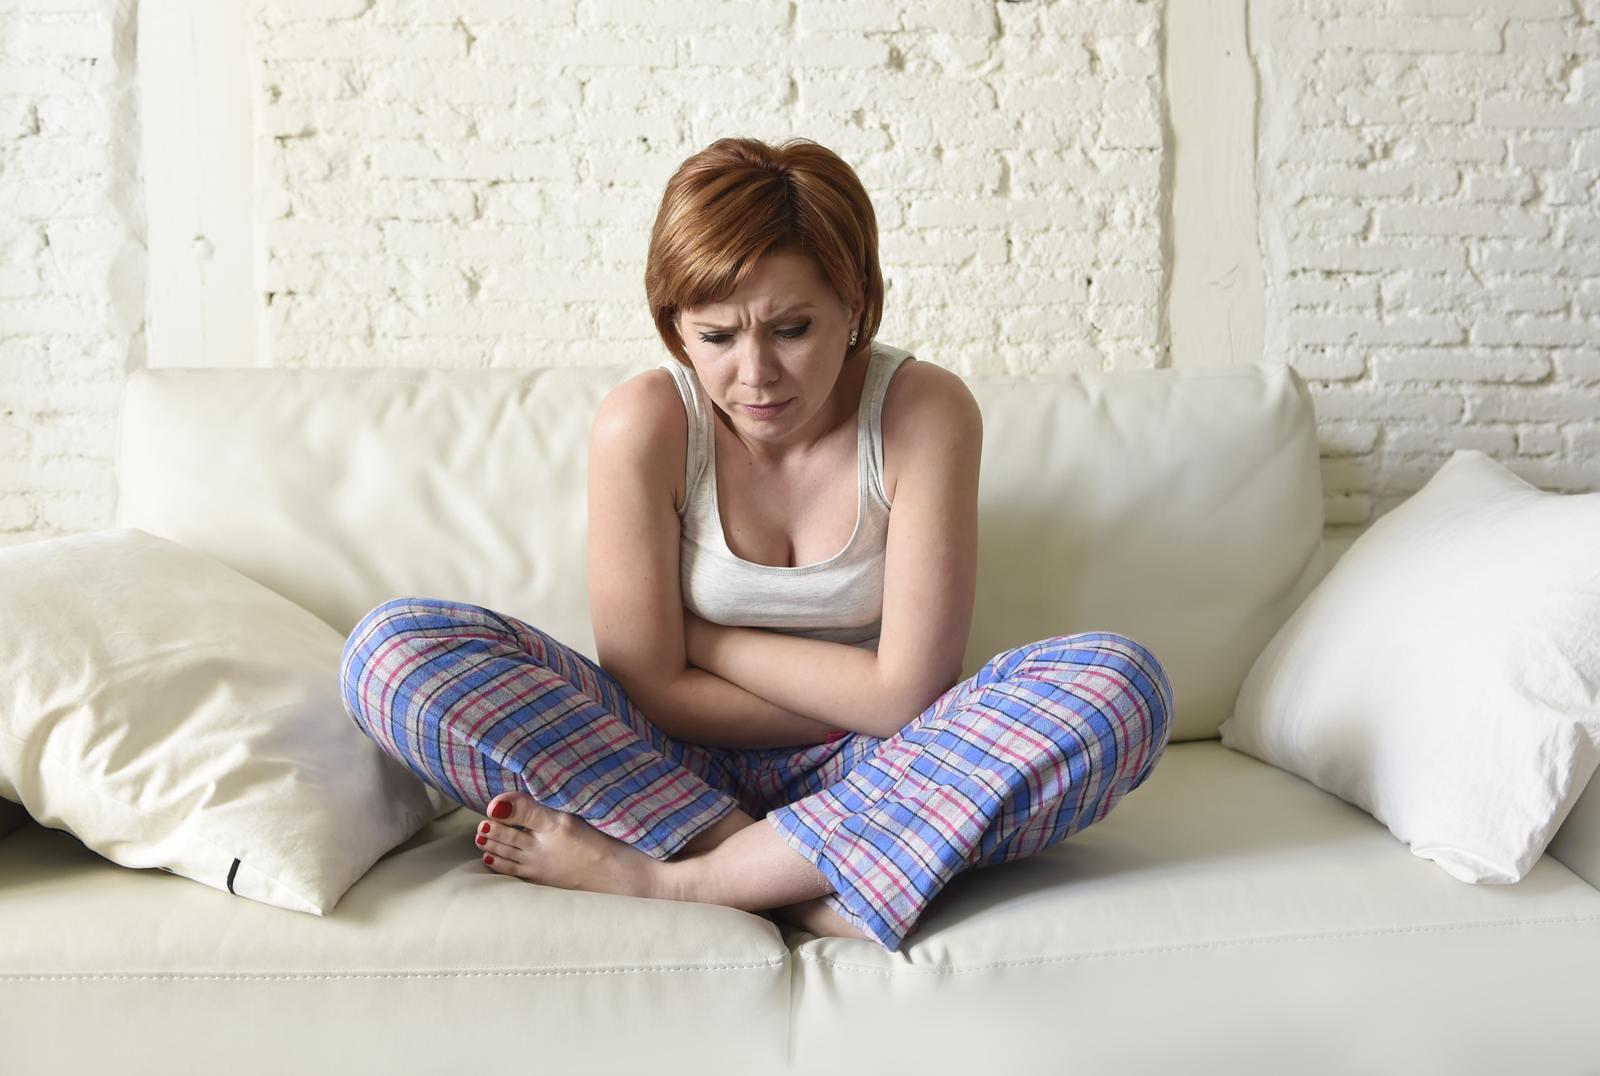 Sindrome del colon irritabile e menopausa: è vero che..